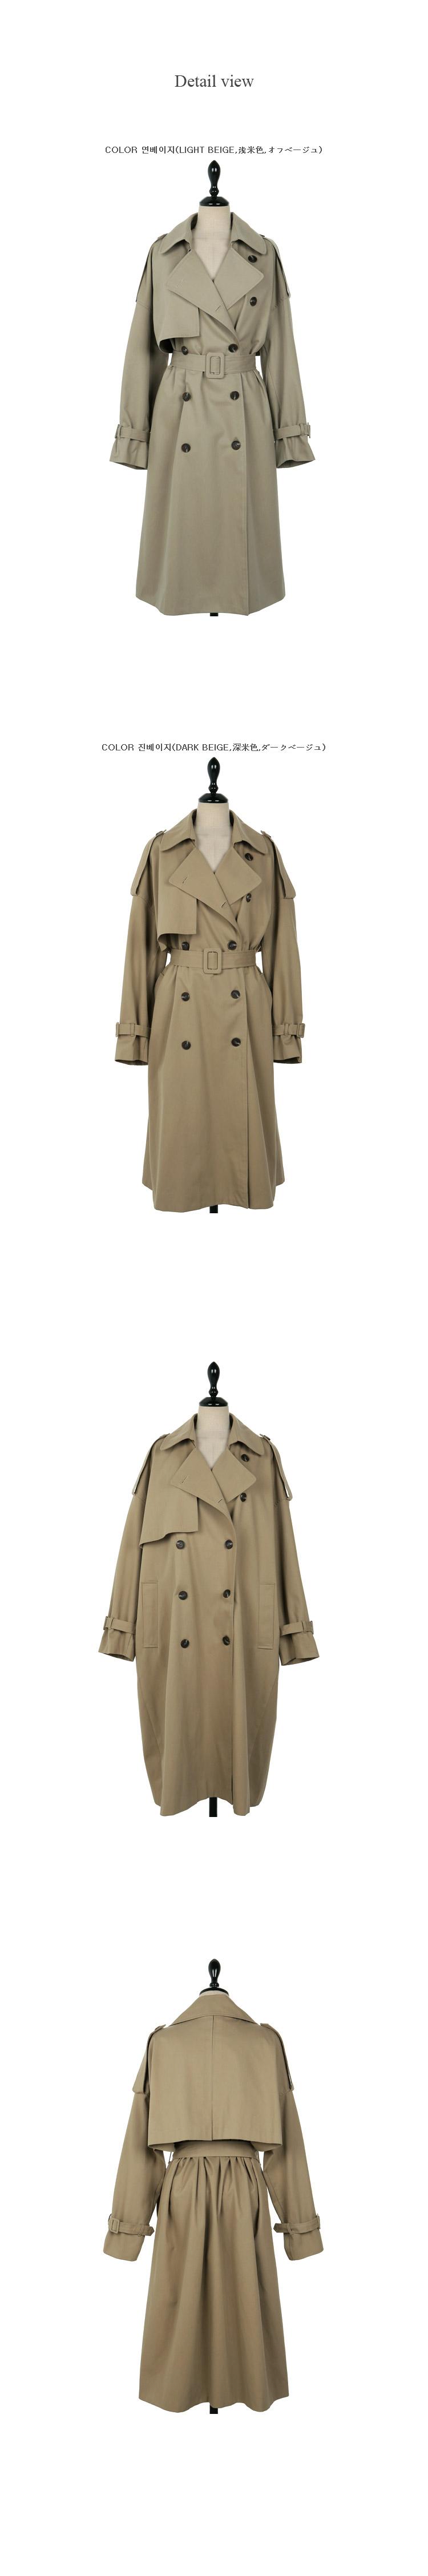 Roman trench coat